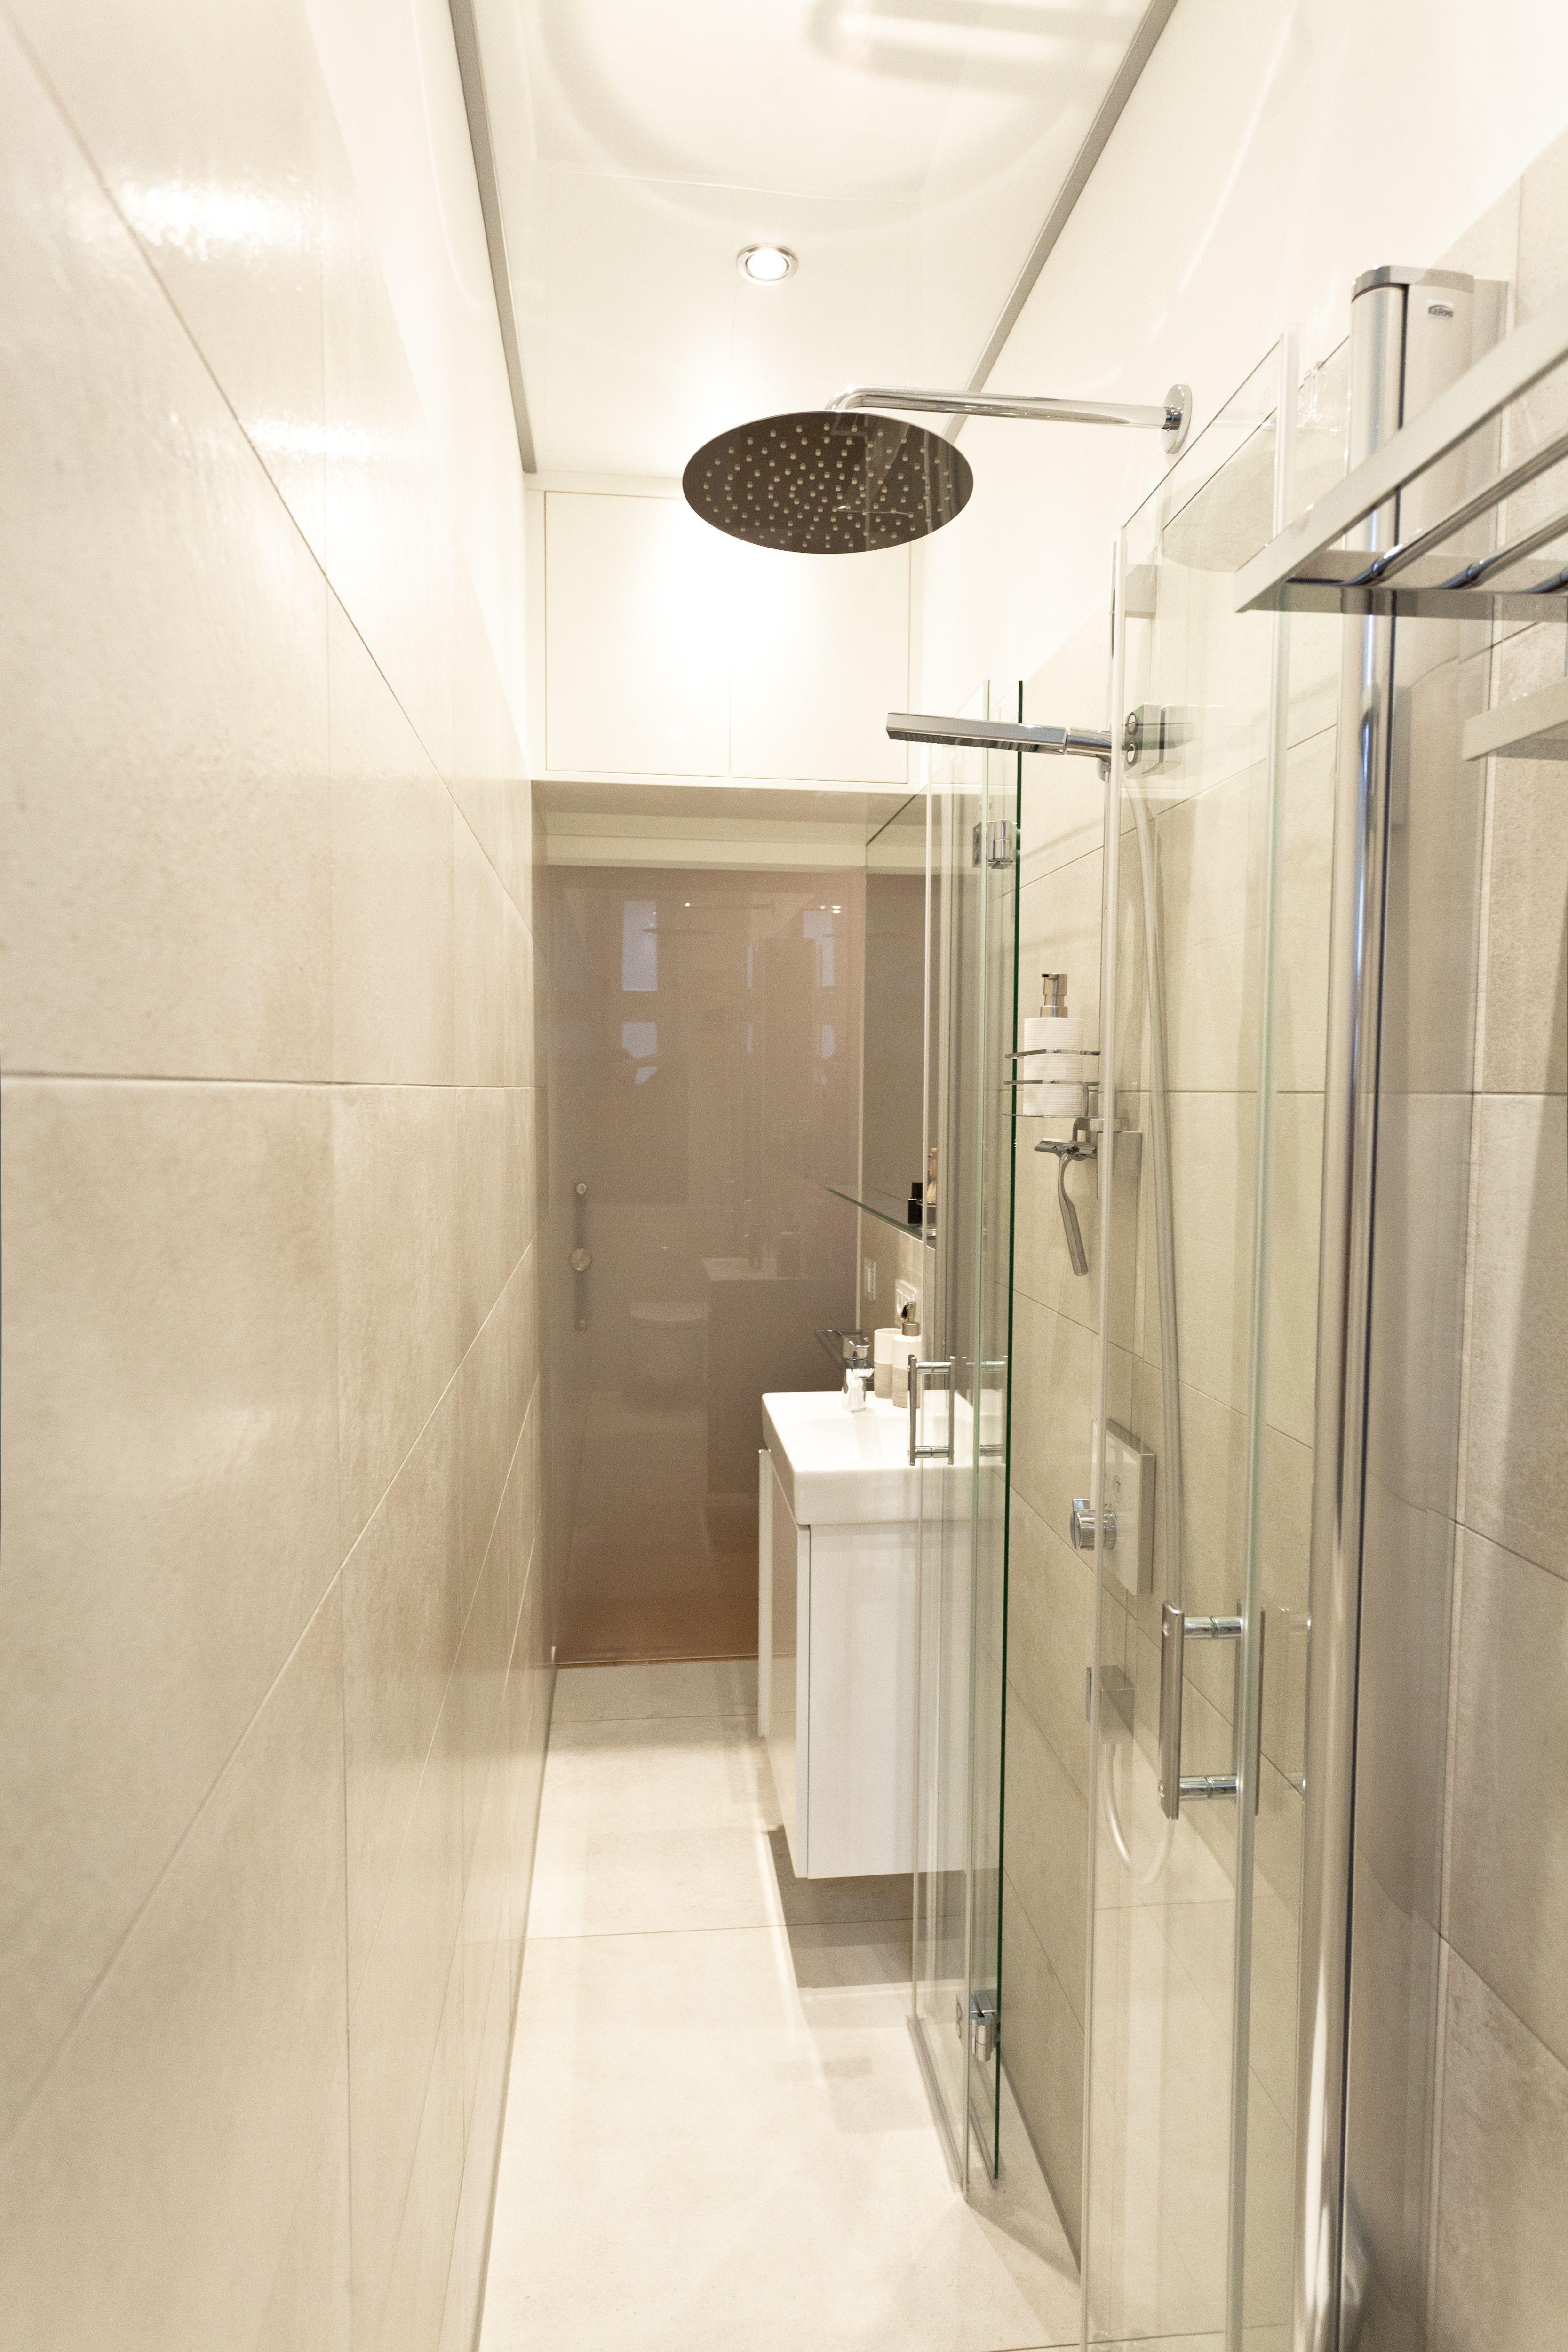 Faltbare Glasduschabtrennung Vergrossert Schlauchbad Banovo Badsanierung Badrenovierung Schlauchbad Kleinesbad Mo Badezimmer Badezimmer Bauen Badsanierung